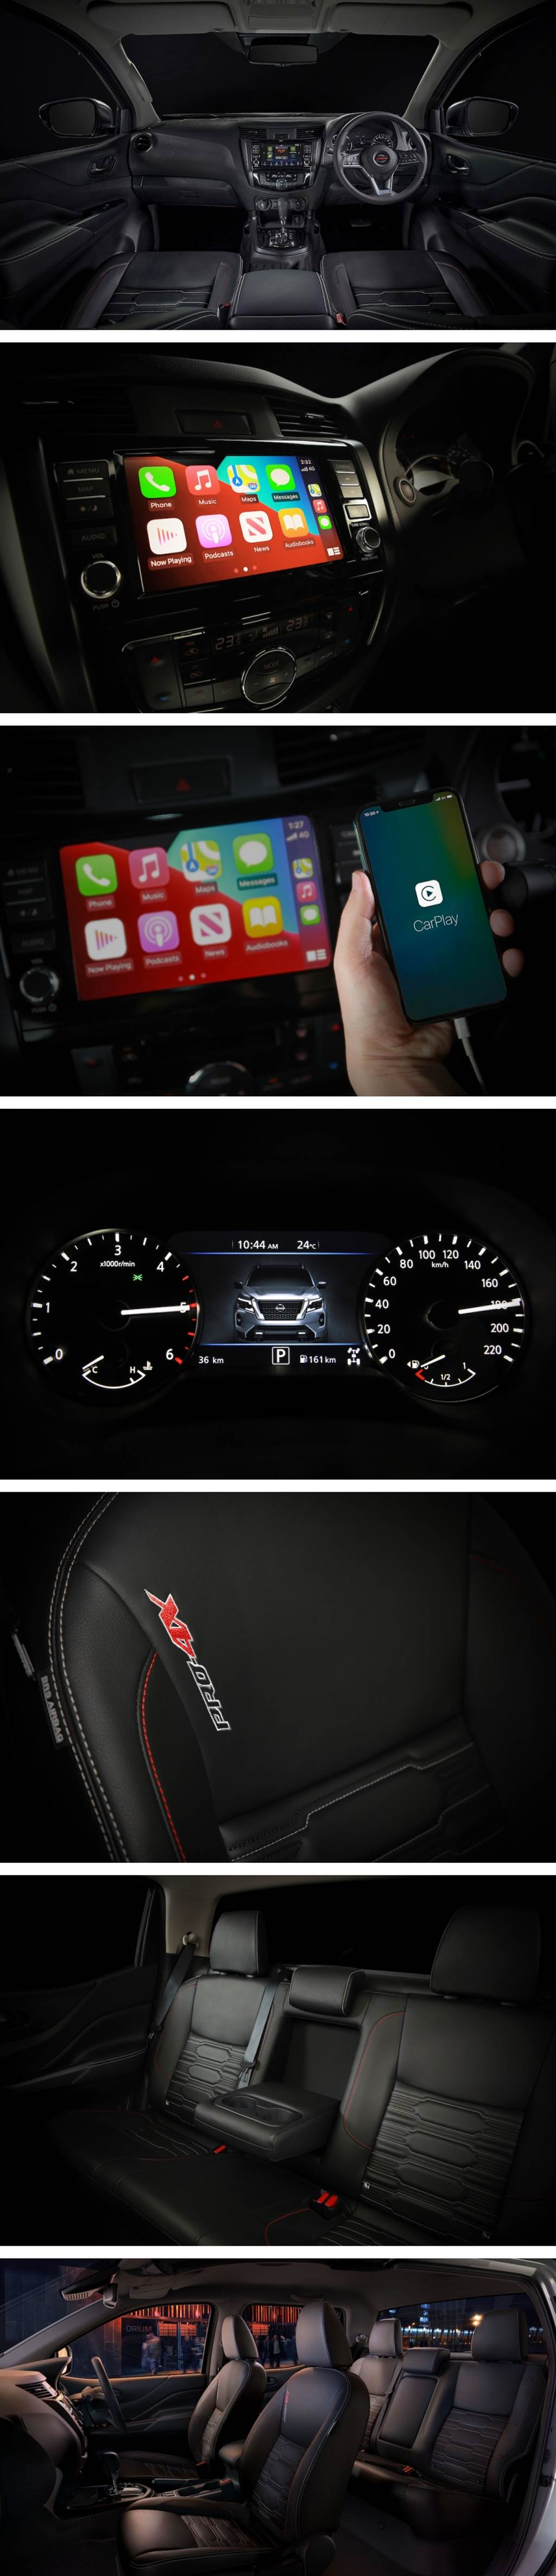 導入 NIM 先進技術、新增 PRO-4X 規格, Nissan Navara 小改款亮相!